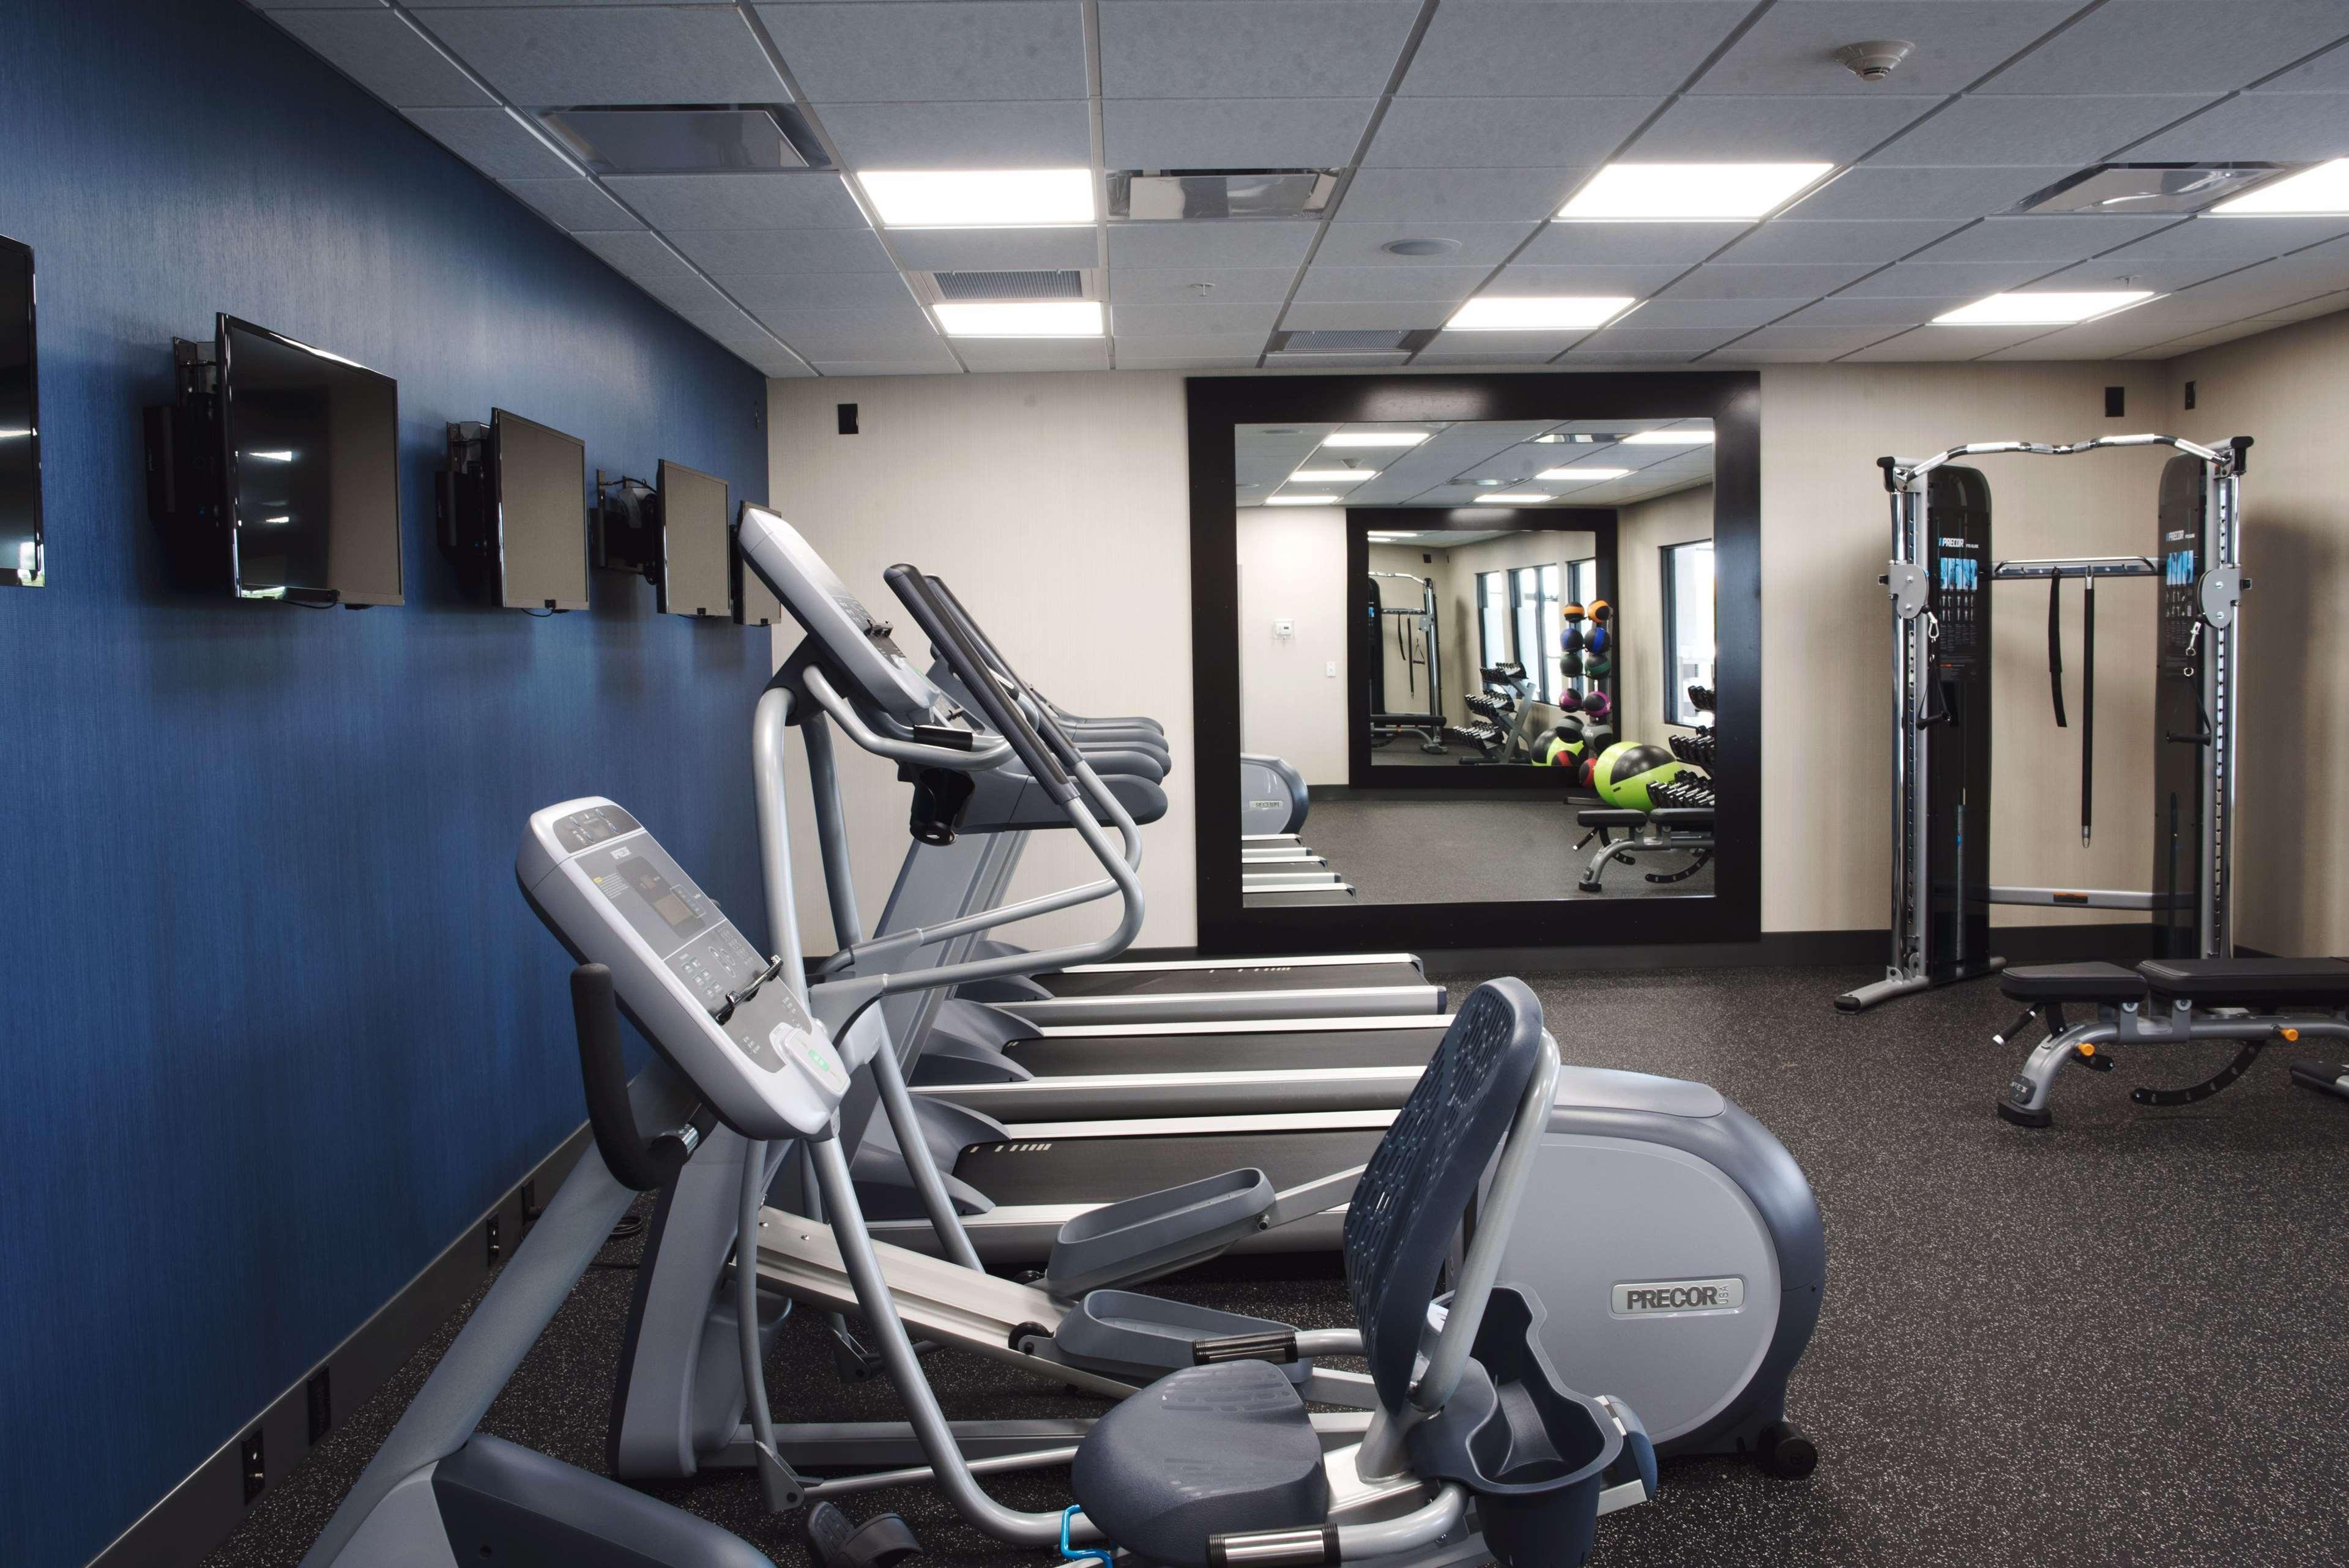 Hampton Inn & Suites Des Moines/Urbandale image 18